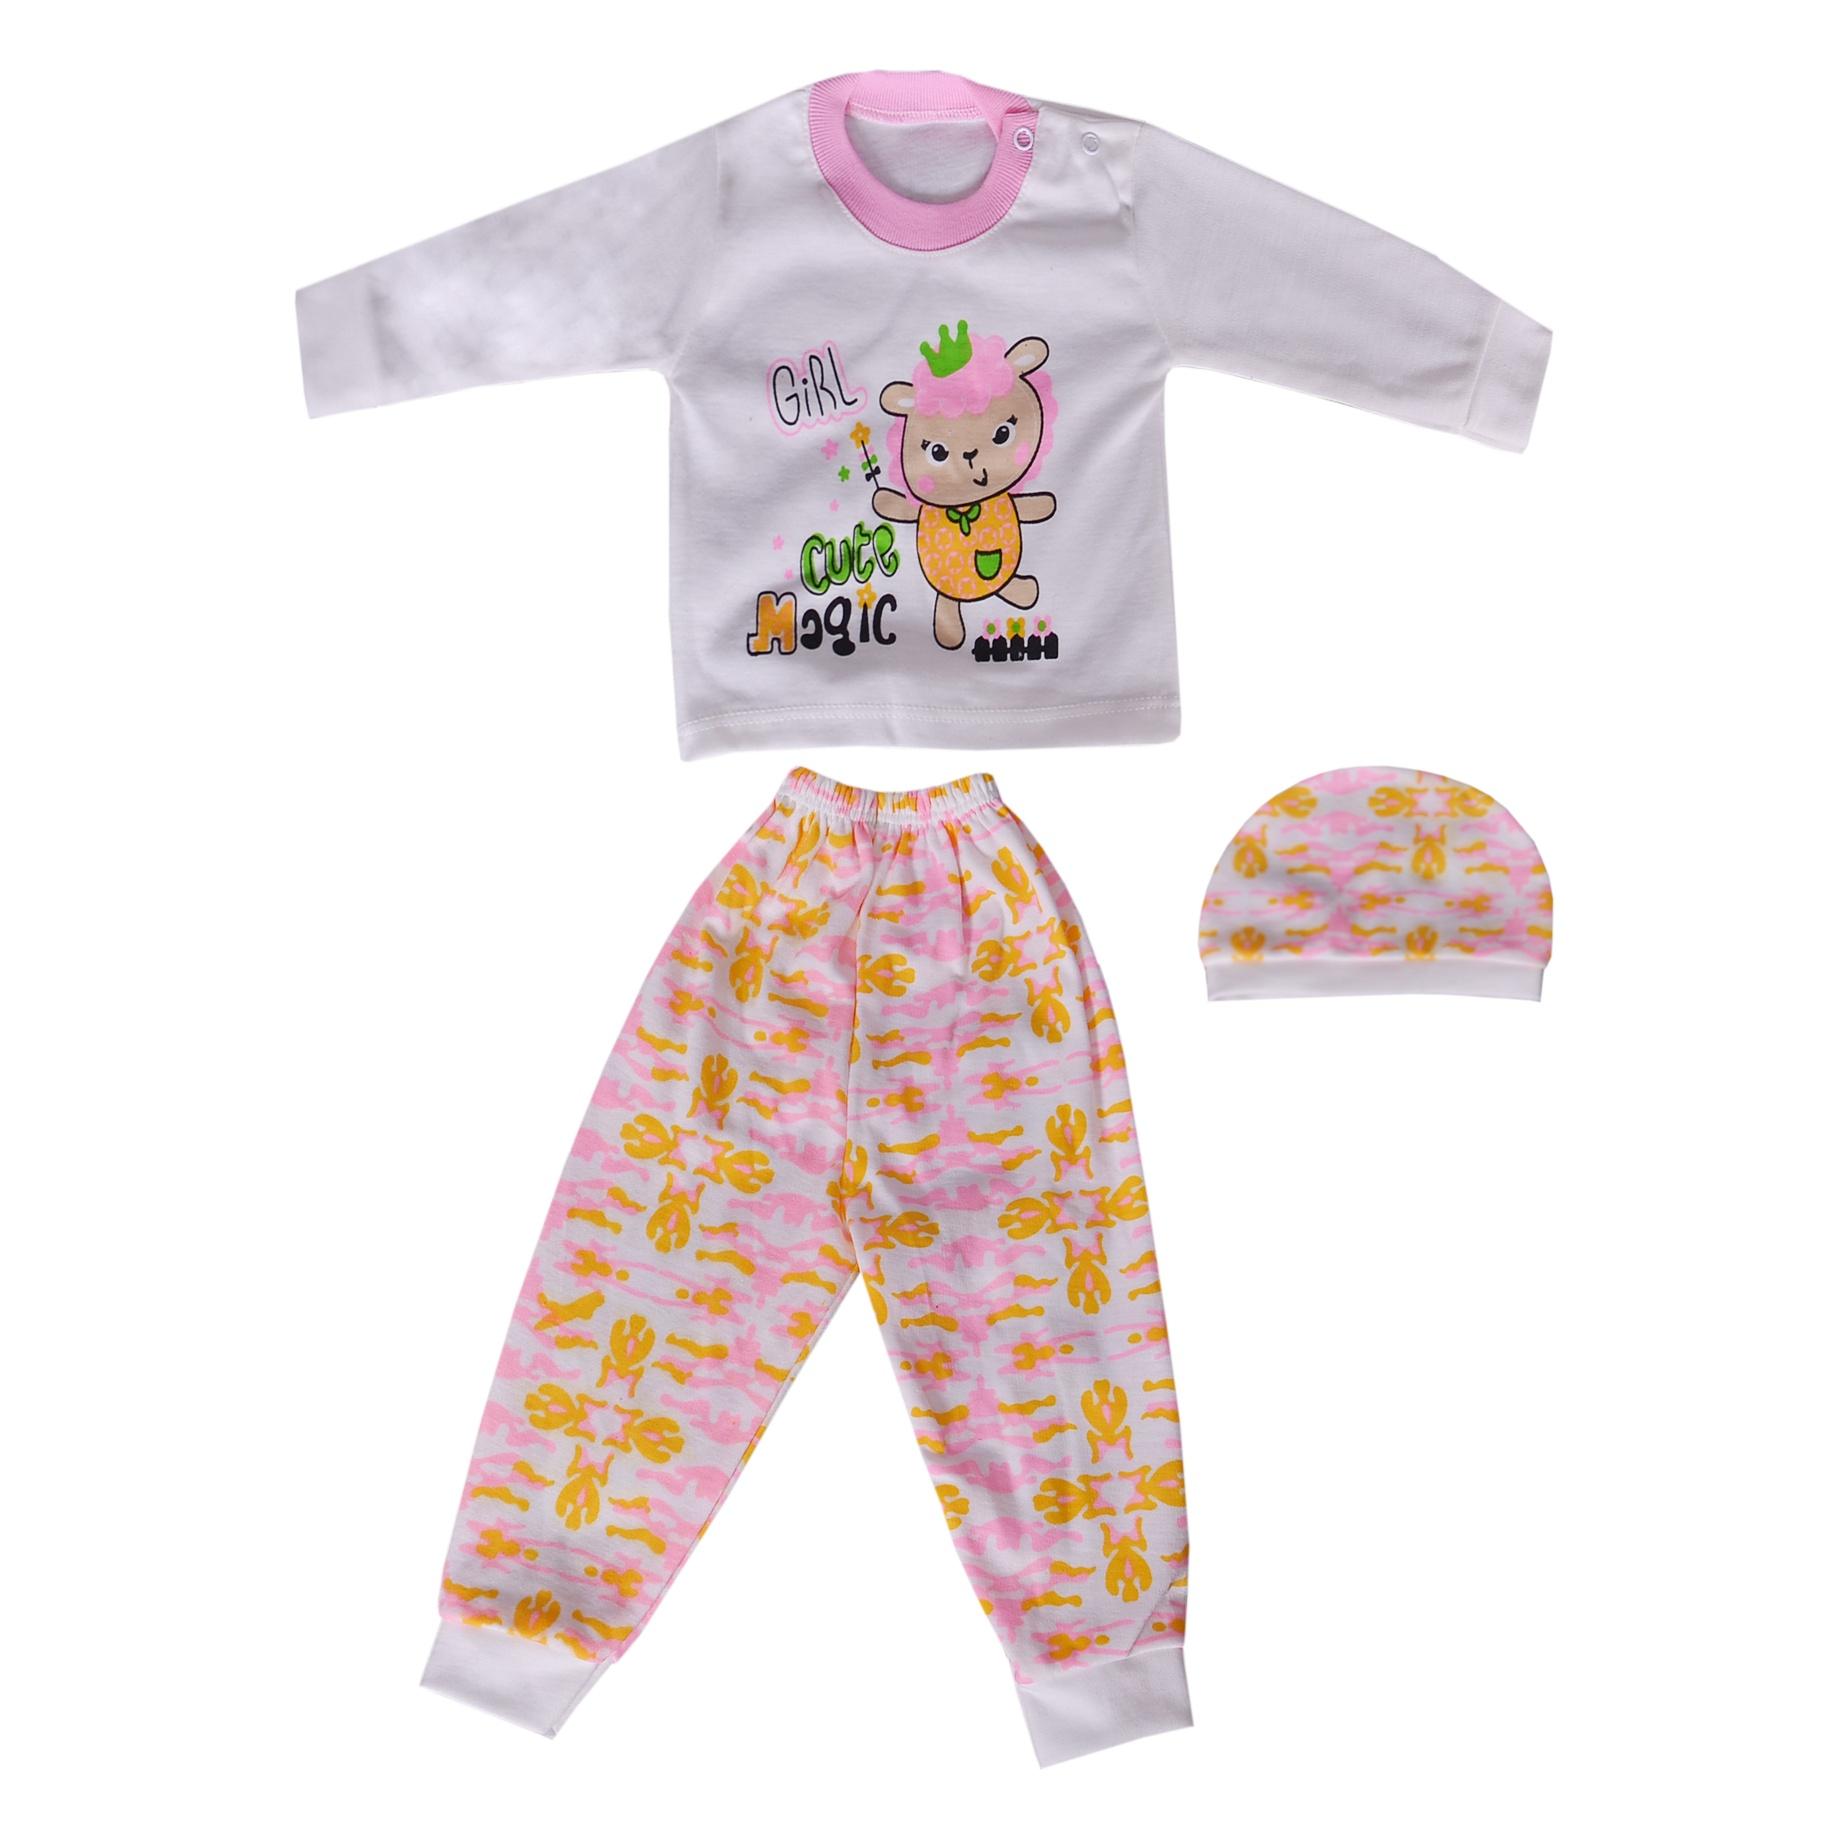 ست 3 تکه لباس نوزادی کد 06-820